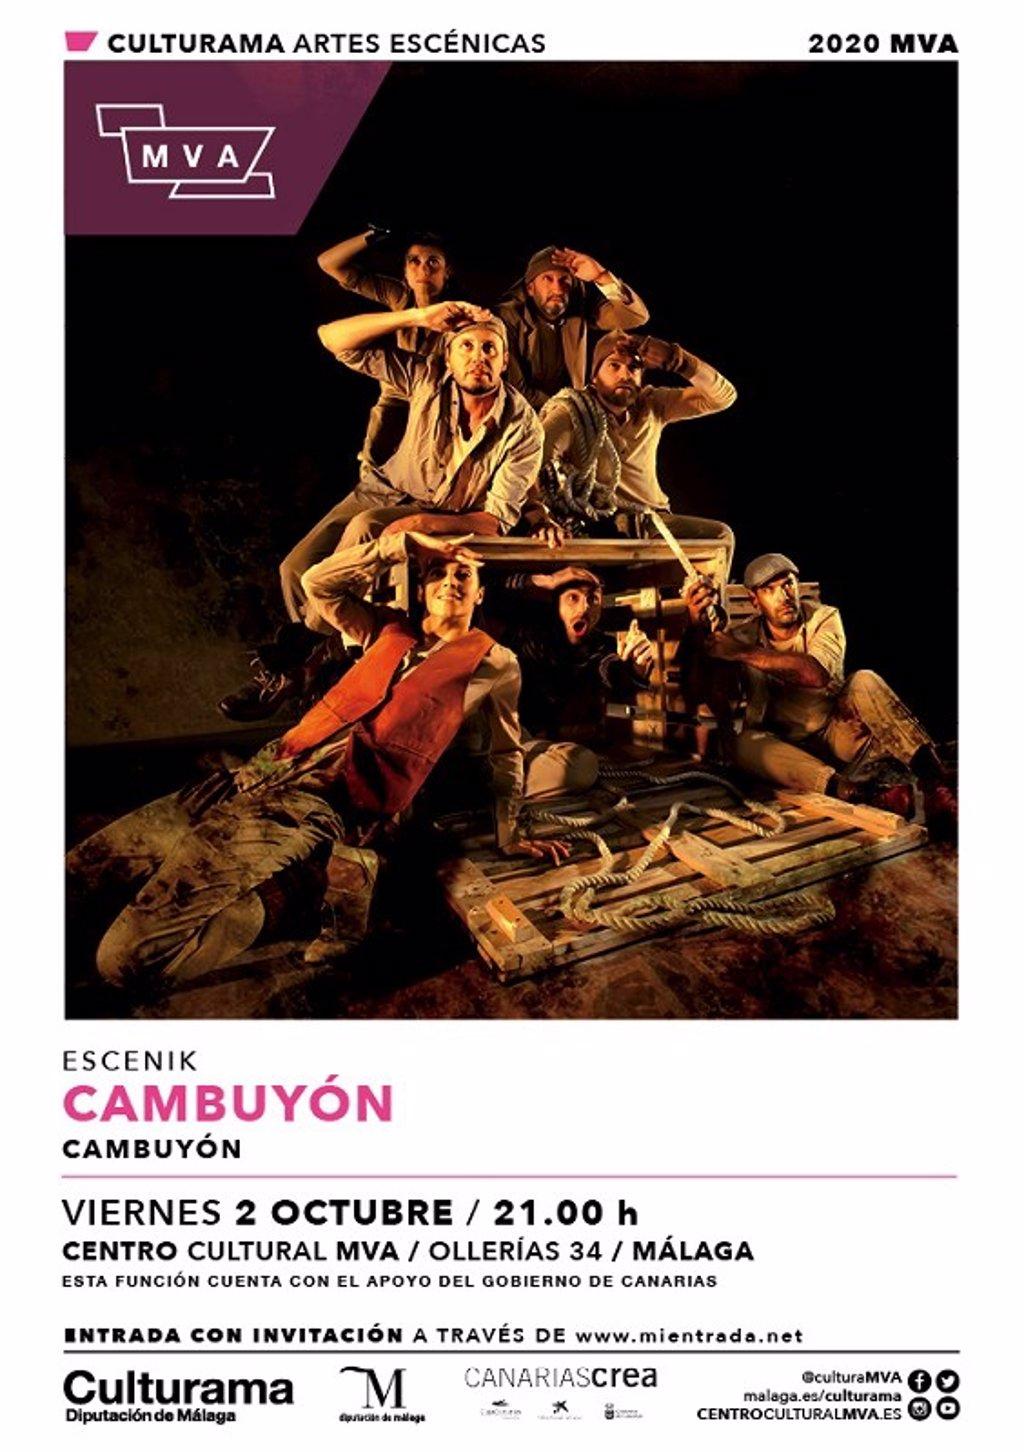 El centro cultural MVA de la Diputación de Málaga presenta un mes de octubre cargado de danza y teatro 2